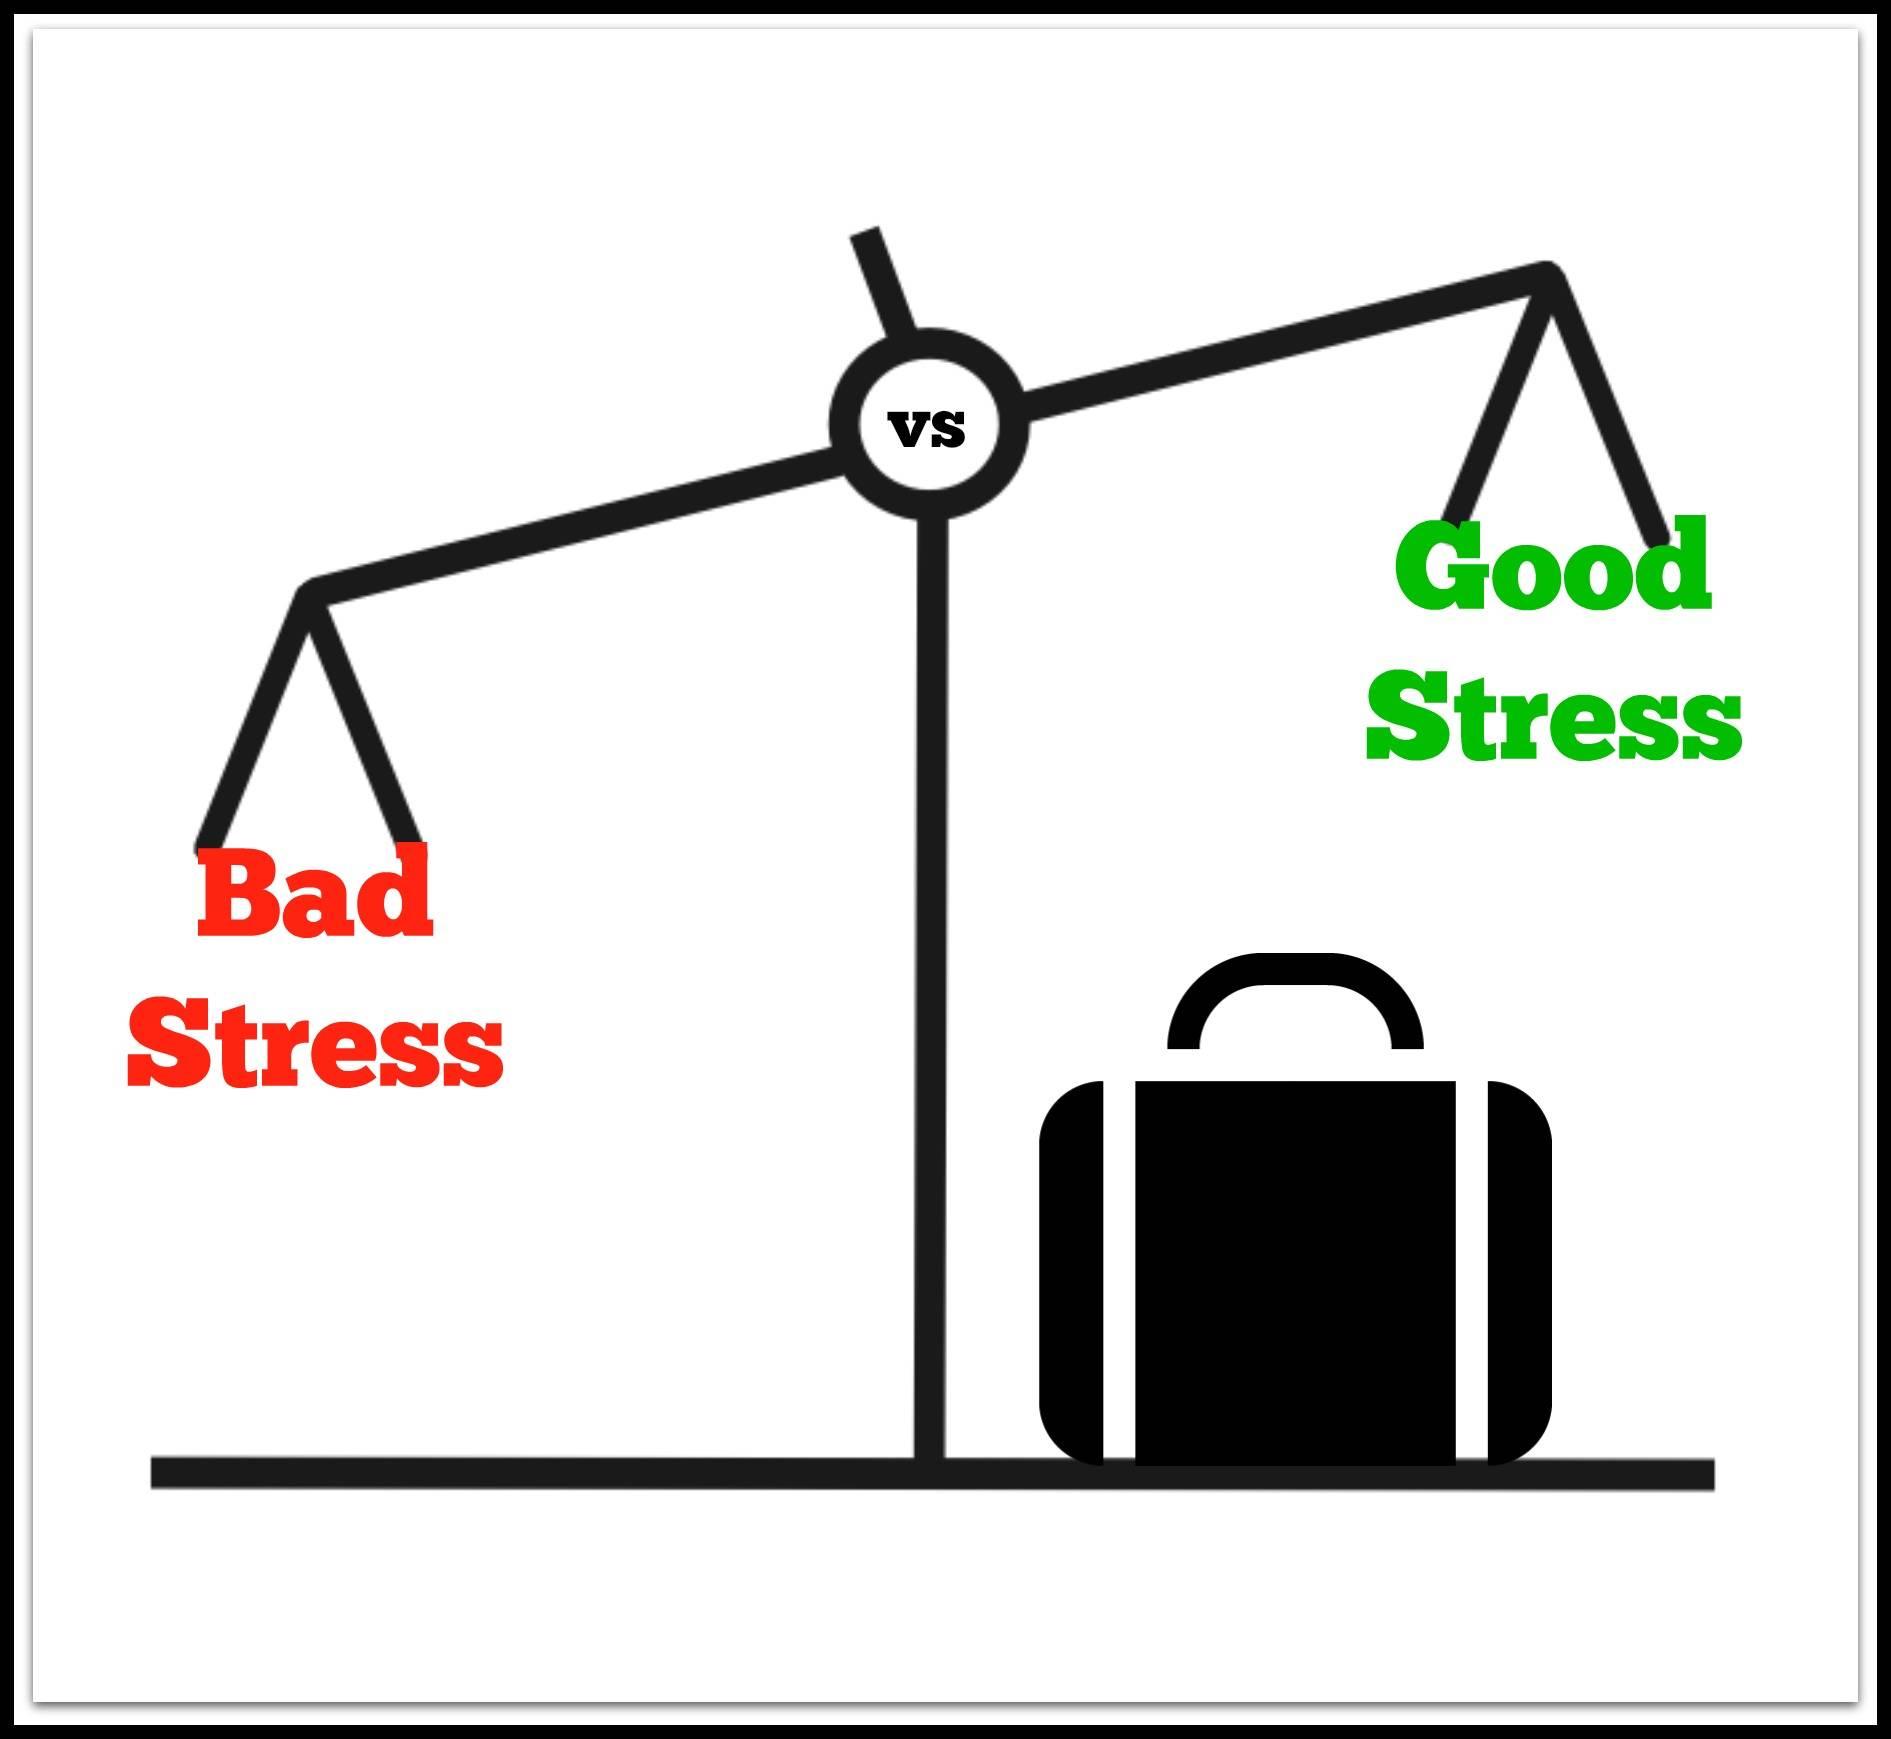 Good Stress Vs Bad Stress At Work